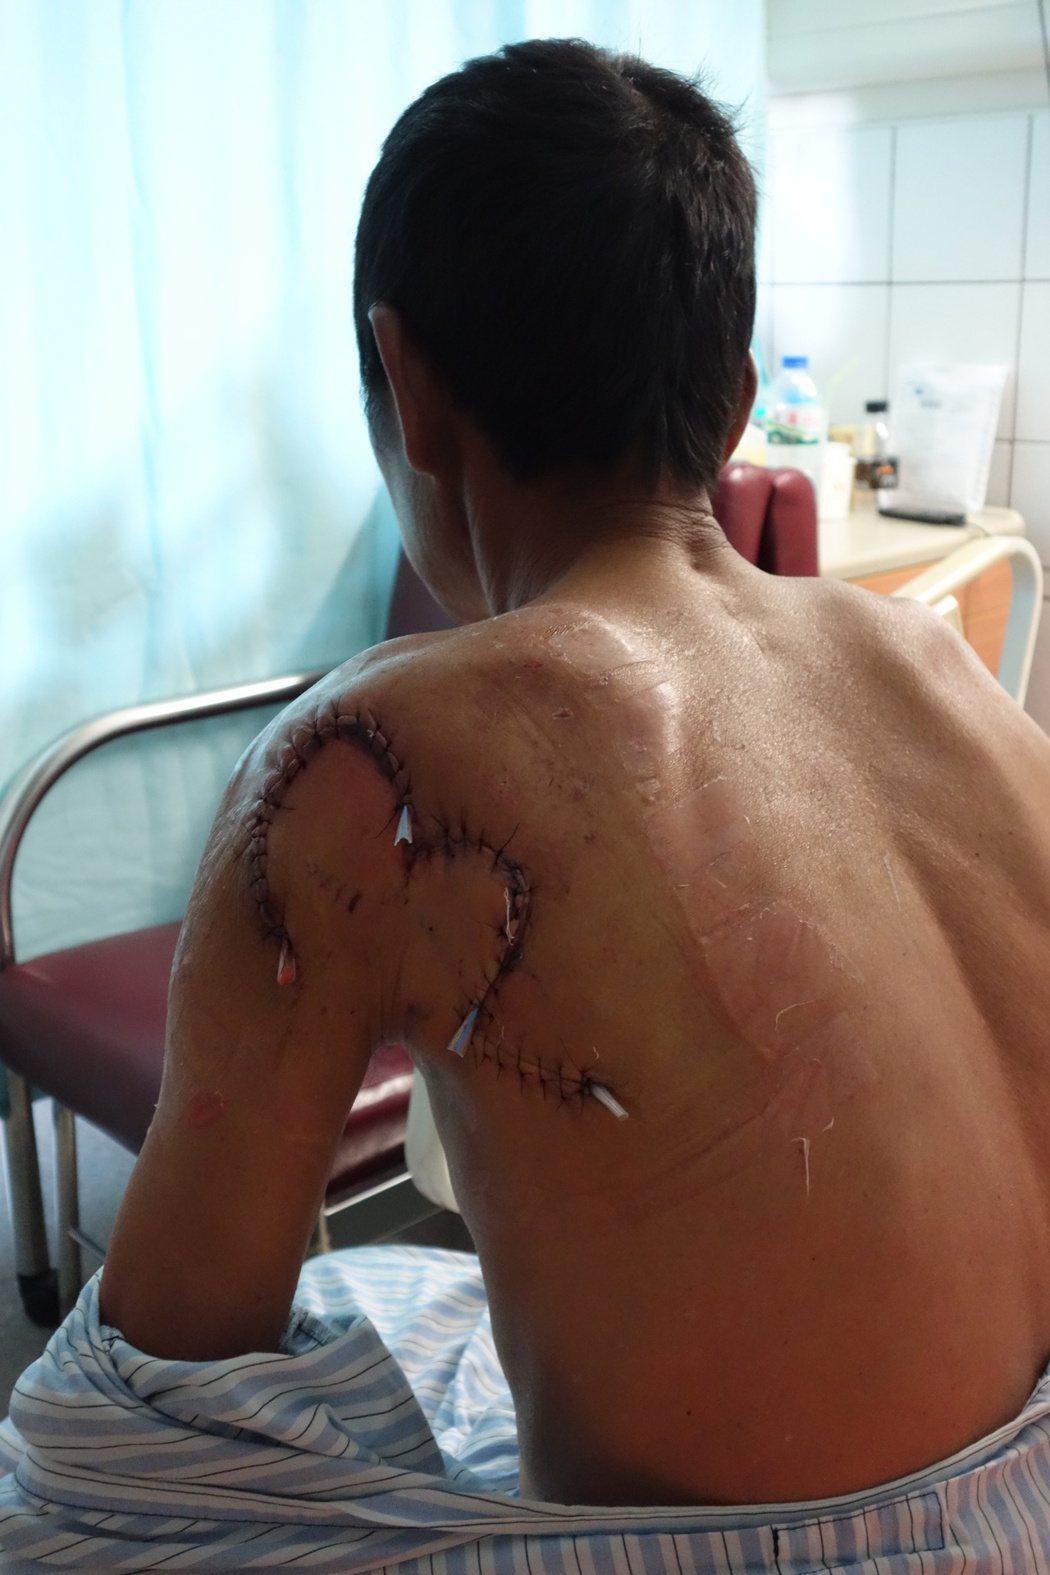 男子釣魚被魚刺到小傷口,感染海洋弧菌擴散到肩膀、下肢到病危,治療後挽回一命。圖/...